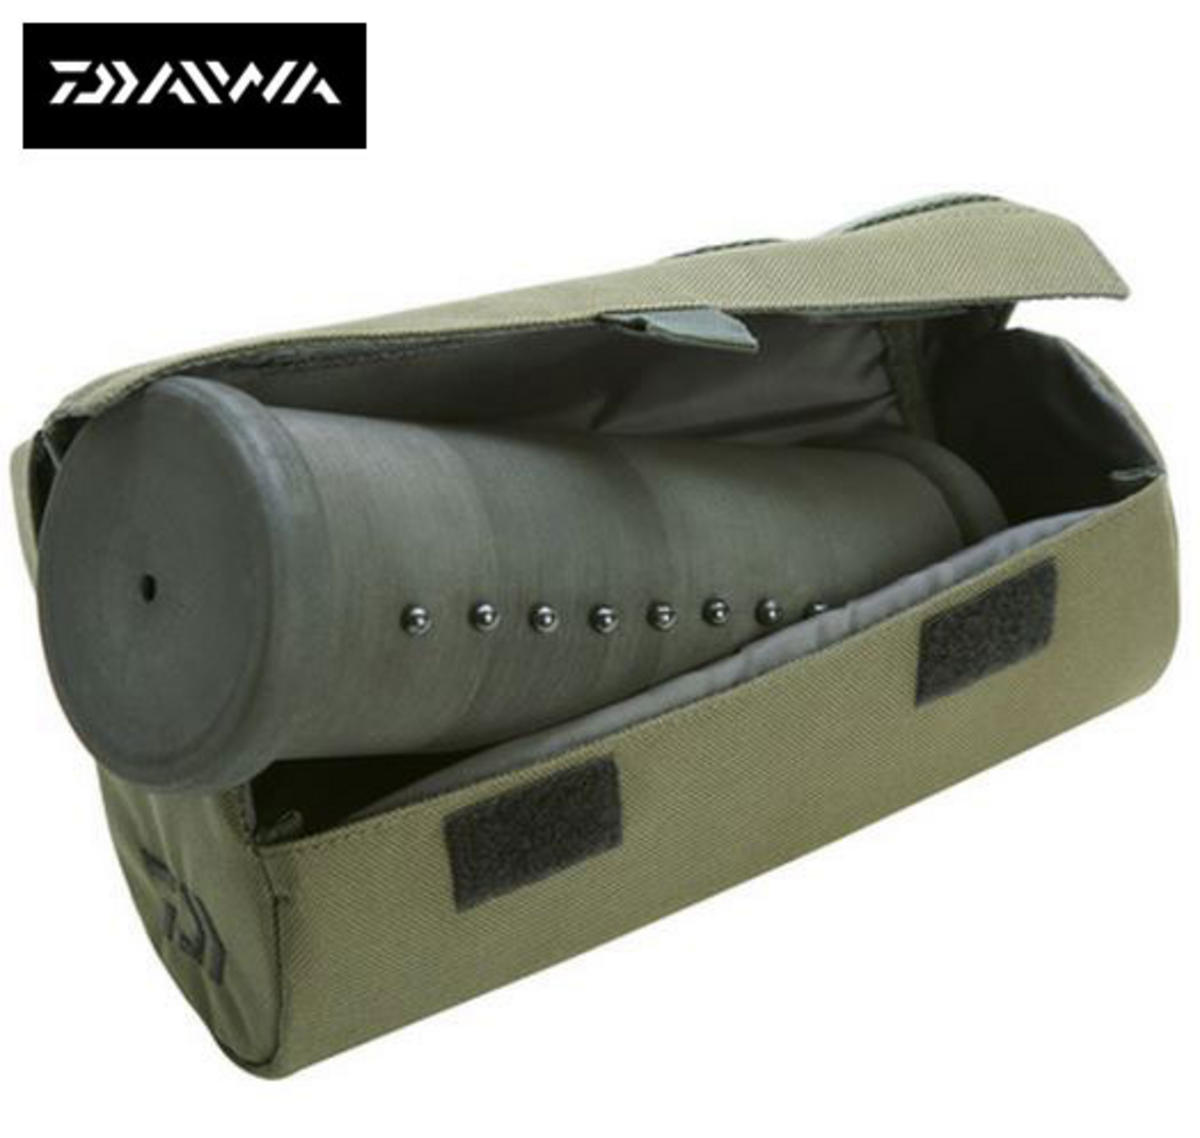 CLEARANCE DAIWA INFINITY® RIG ROLL Model No. DIRR1